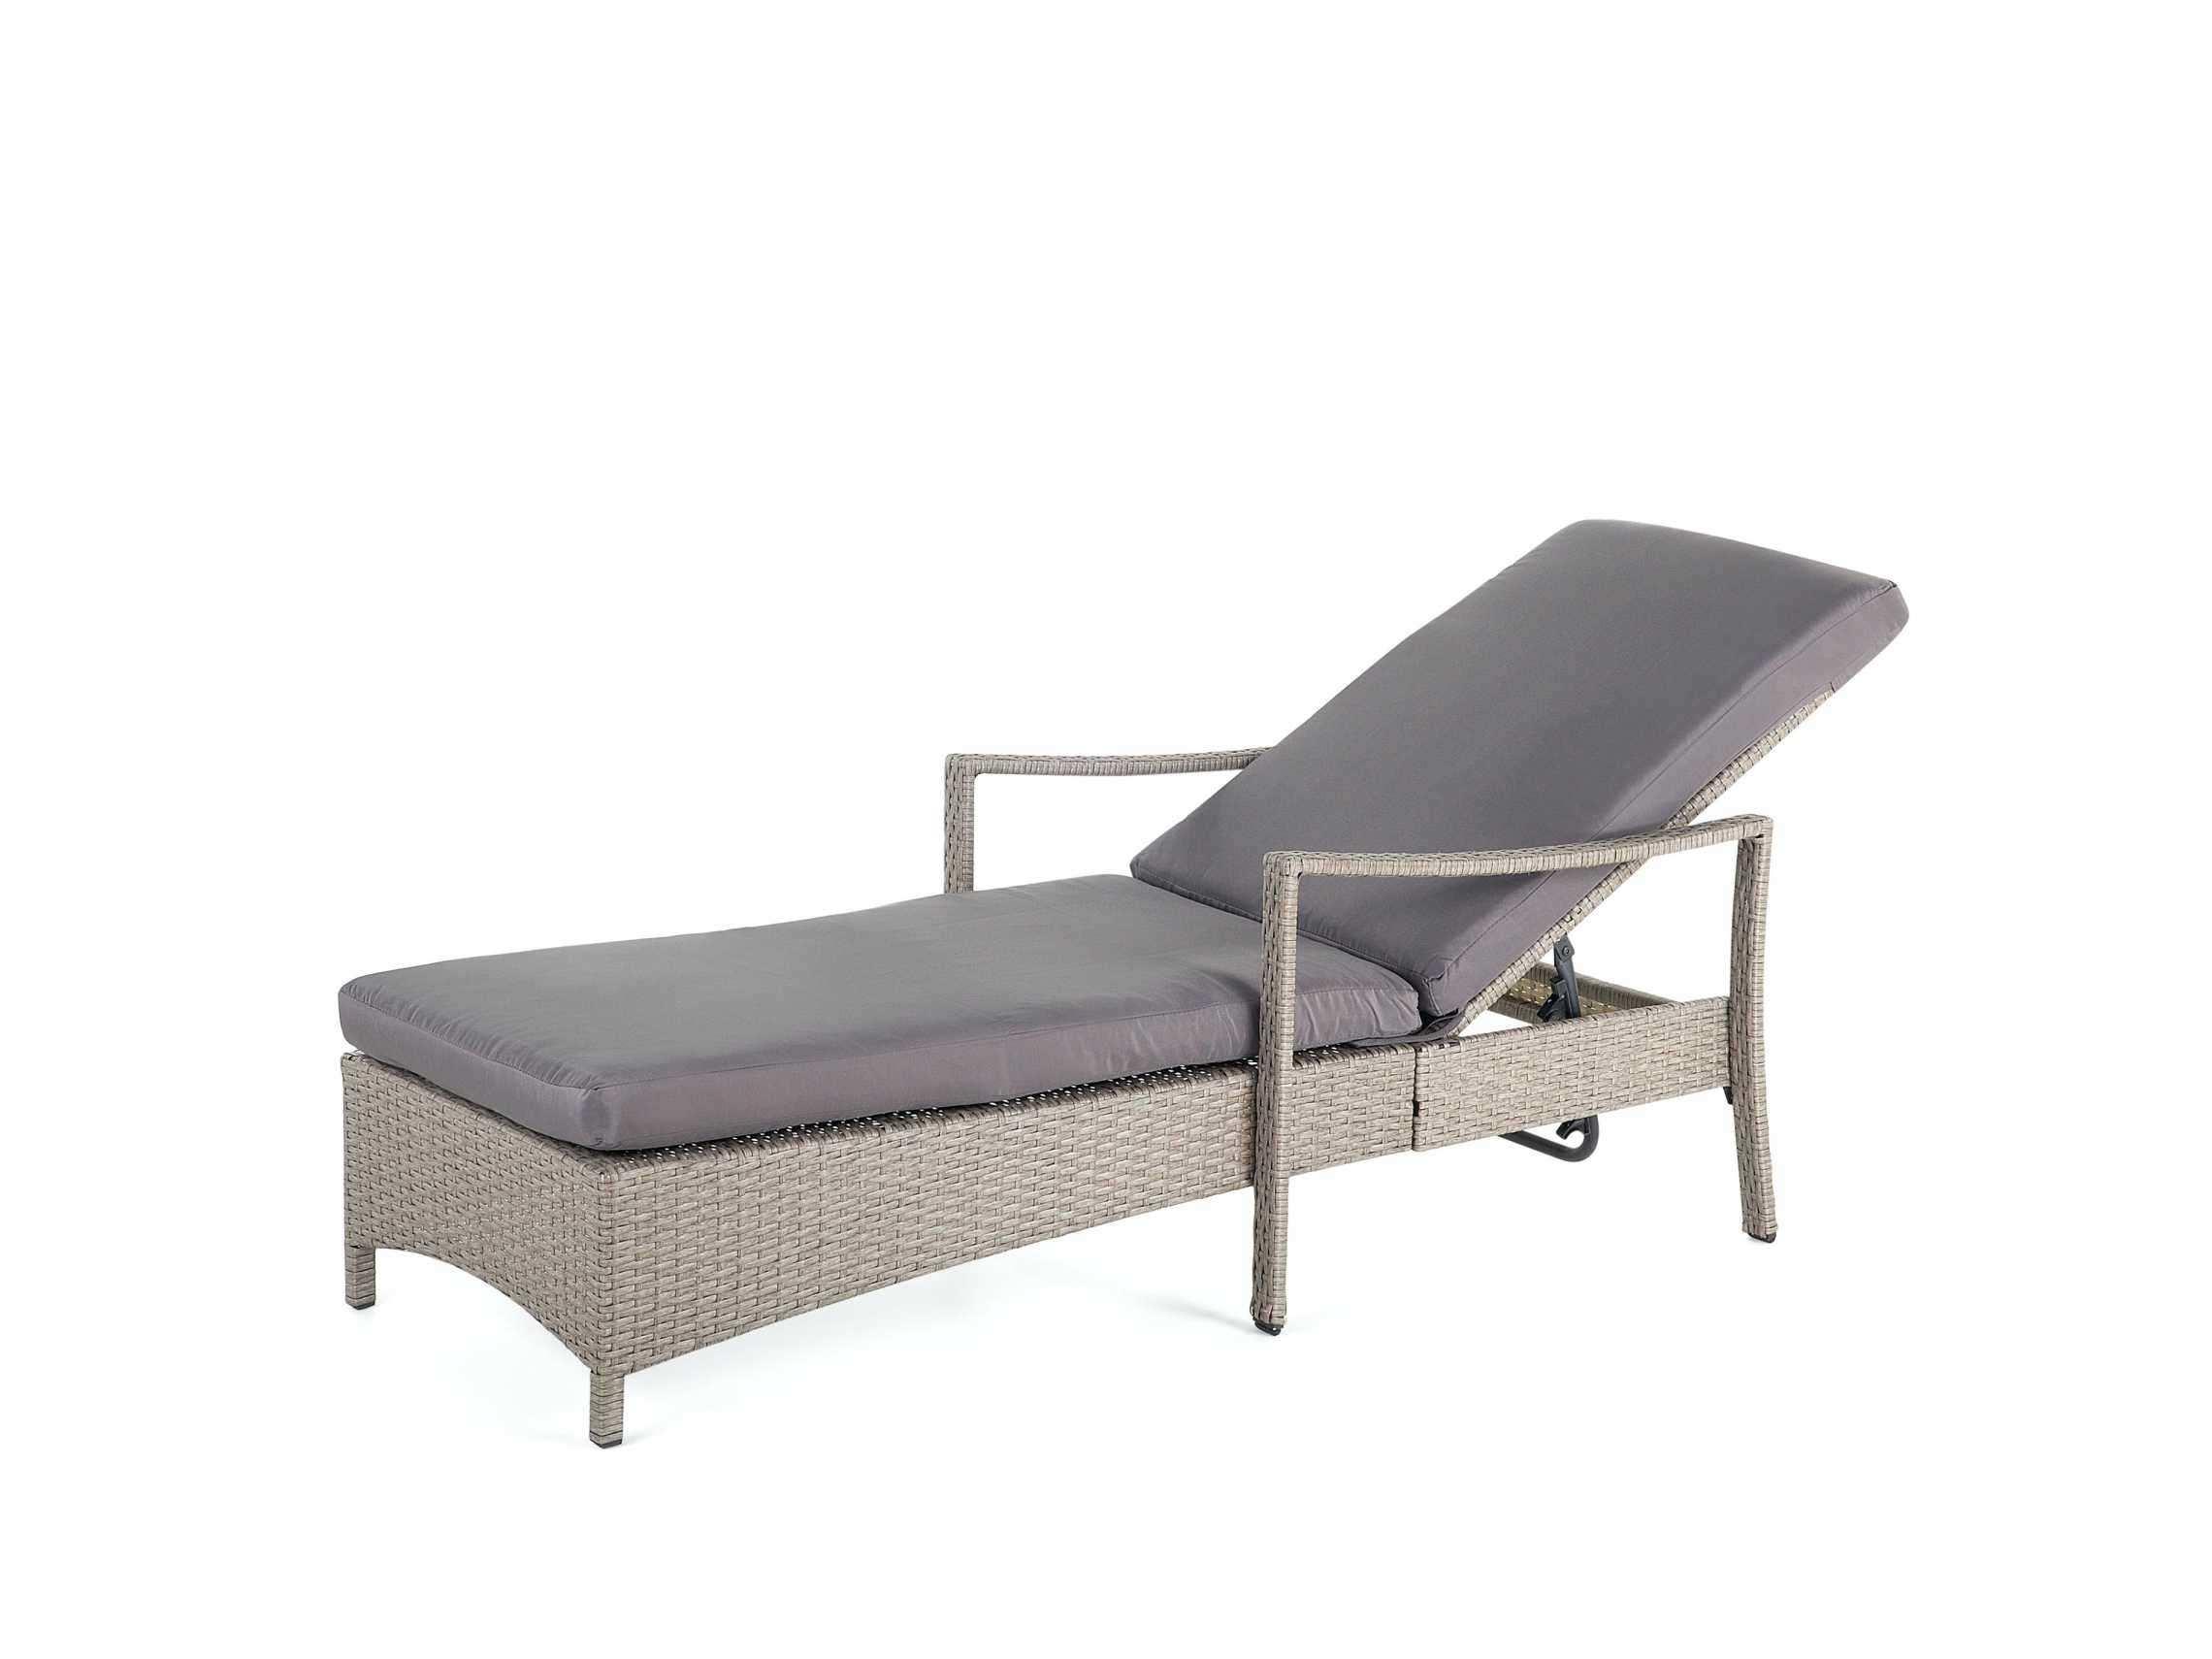 Full Size of Sonnenliege Ikea Relaxliege Wohnzimmer Verstellbar Luxus Liege Küche Kosten Kaufen Betten Bei Miniküche Sofa Mit Schlaffunktion 160x200 Modulküche Wohnzimmer Sonnenliege Ikea